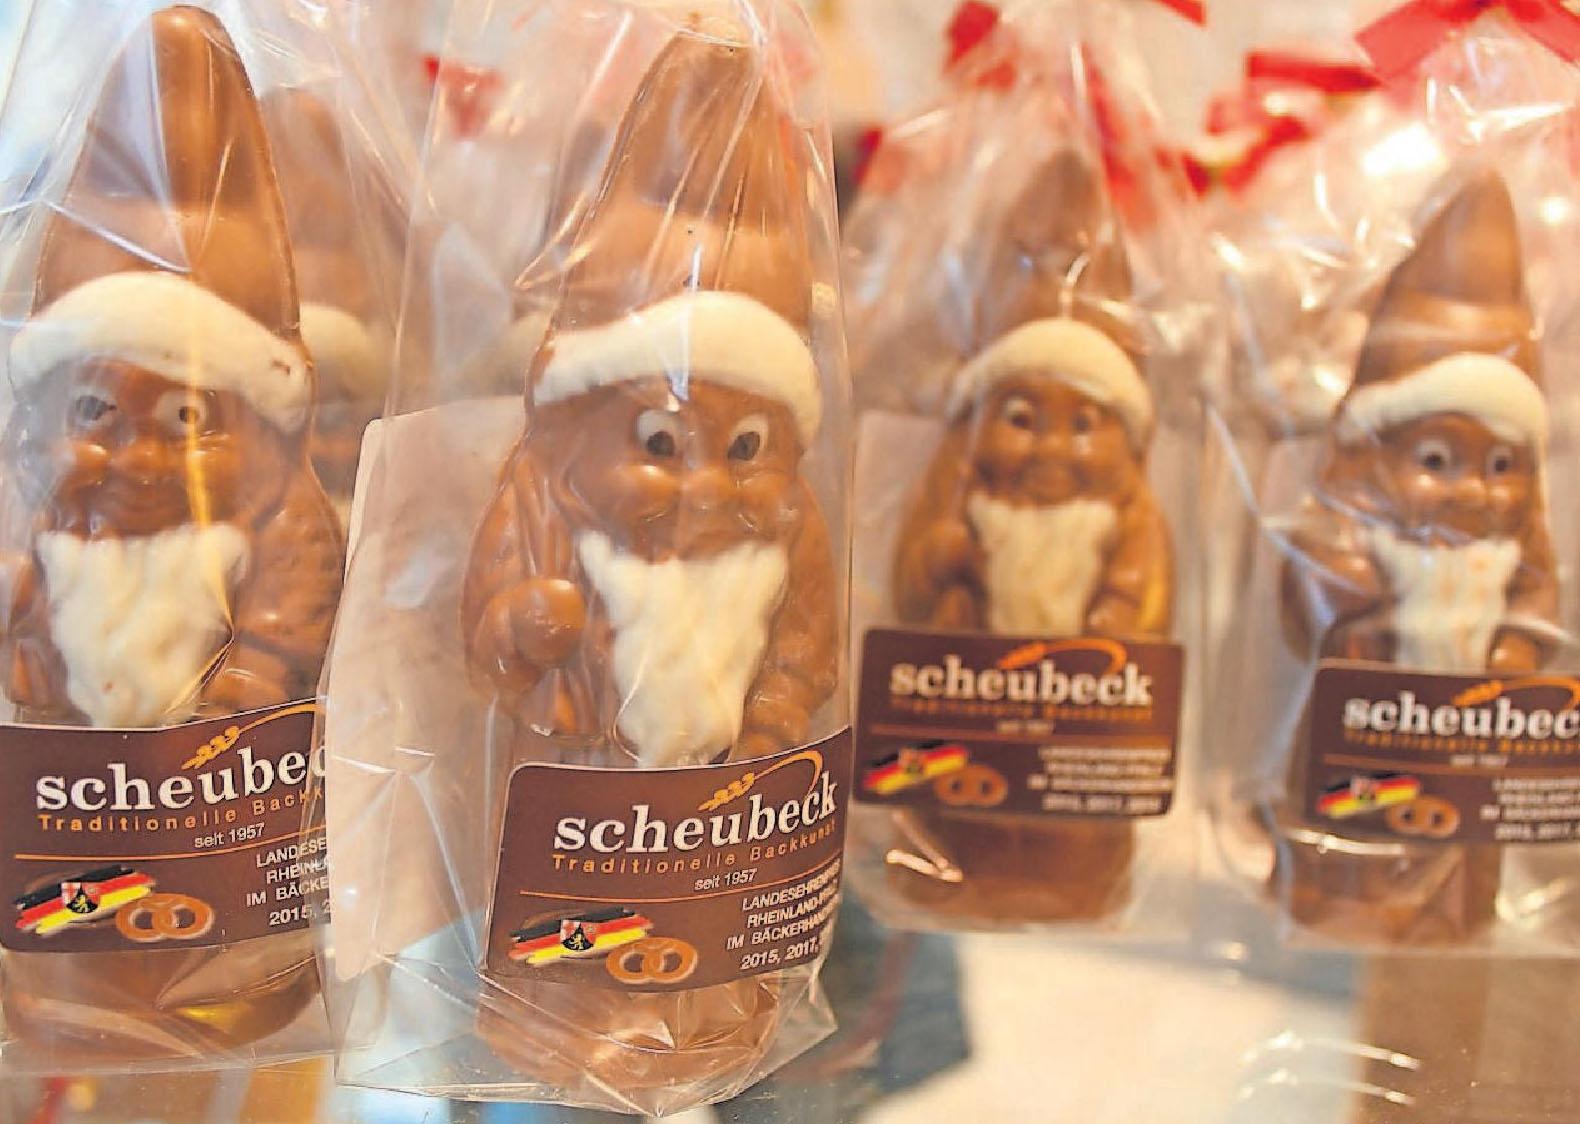 """Beteiligt sich an der Aktion """"Oggersheimer Weihnachtslos"""": die Bäckerei/Konditorei Scheubeck in der Schillerstraße. Aktuell gibt es hier auch selbst gefertigte Schokoladen-Figuren. FOTO: SCHERZINGER"""